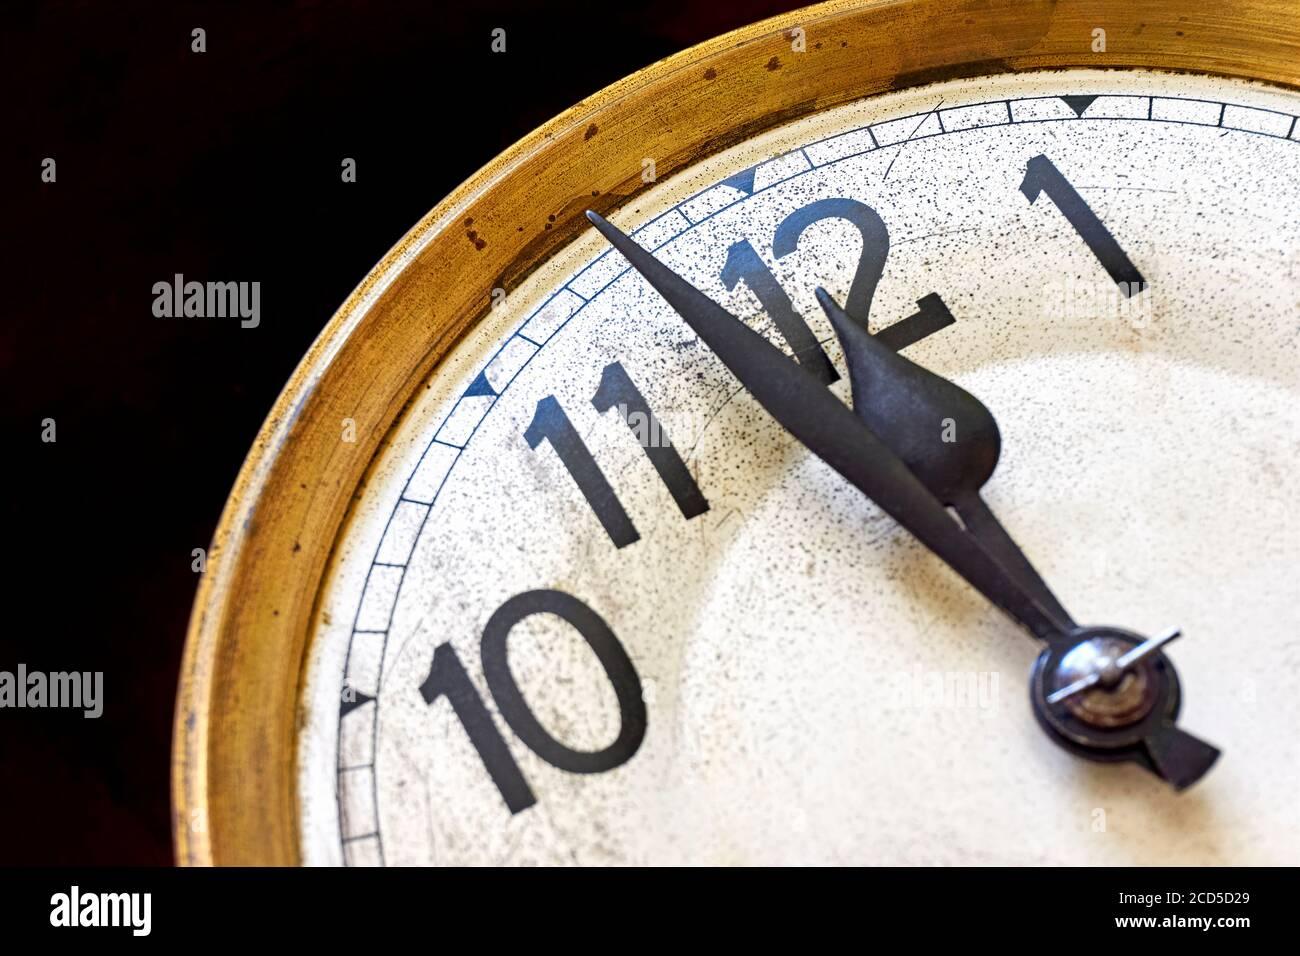 Antiguo reloj vintage muestra de 2 minutos a 12 en punto contra un fondo negro. Concepto de fin de año o cuenta atrás. Foto de stock